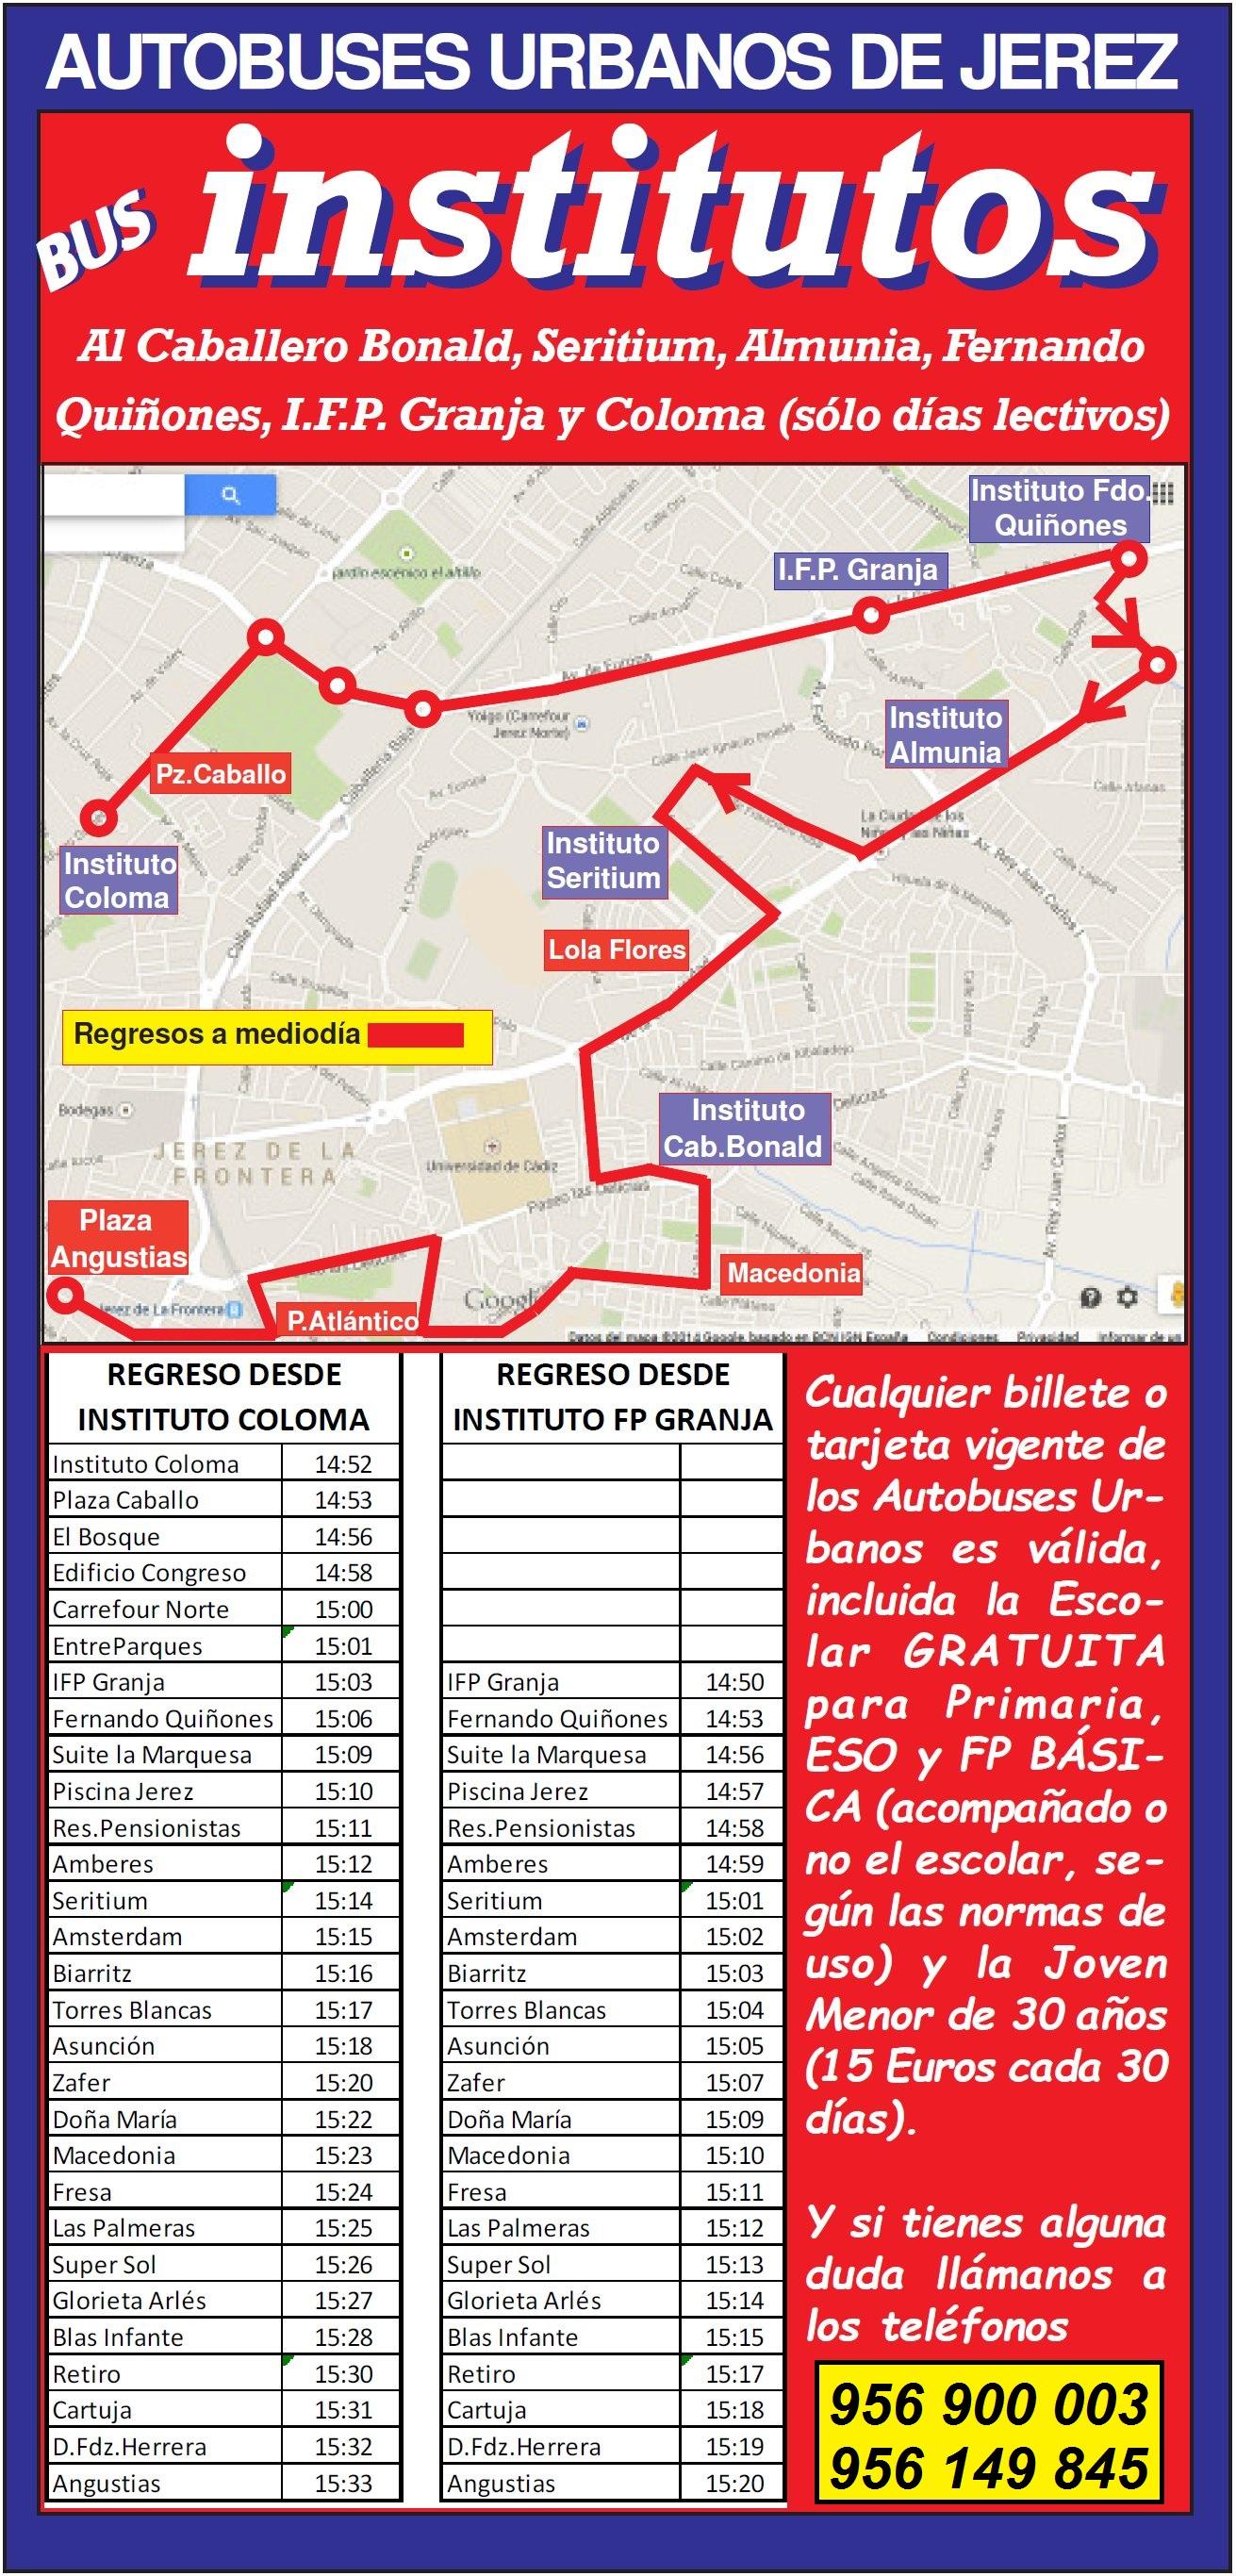 Imagen Bus Institutos regreso